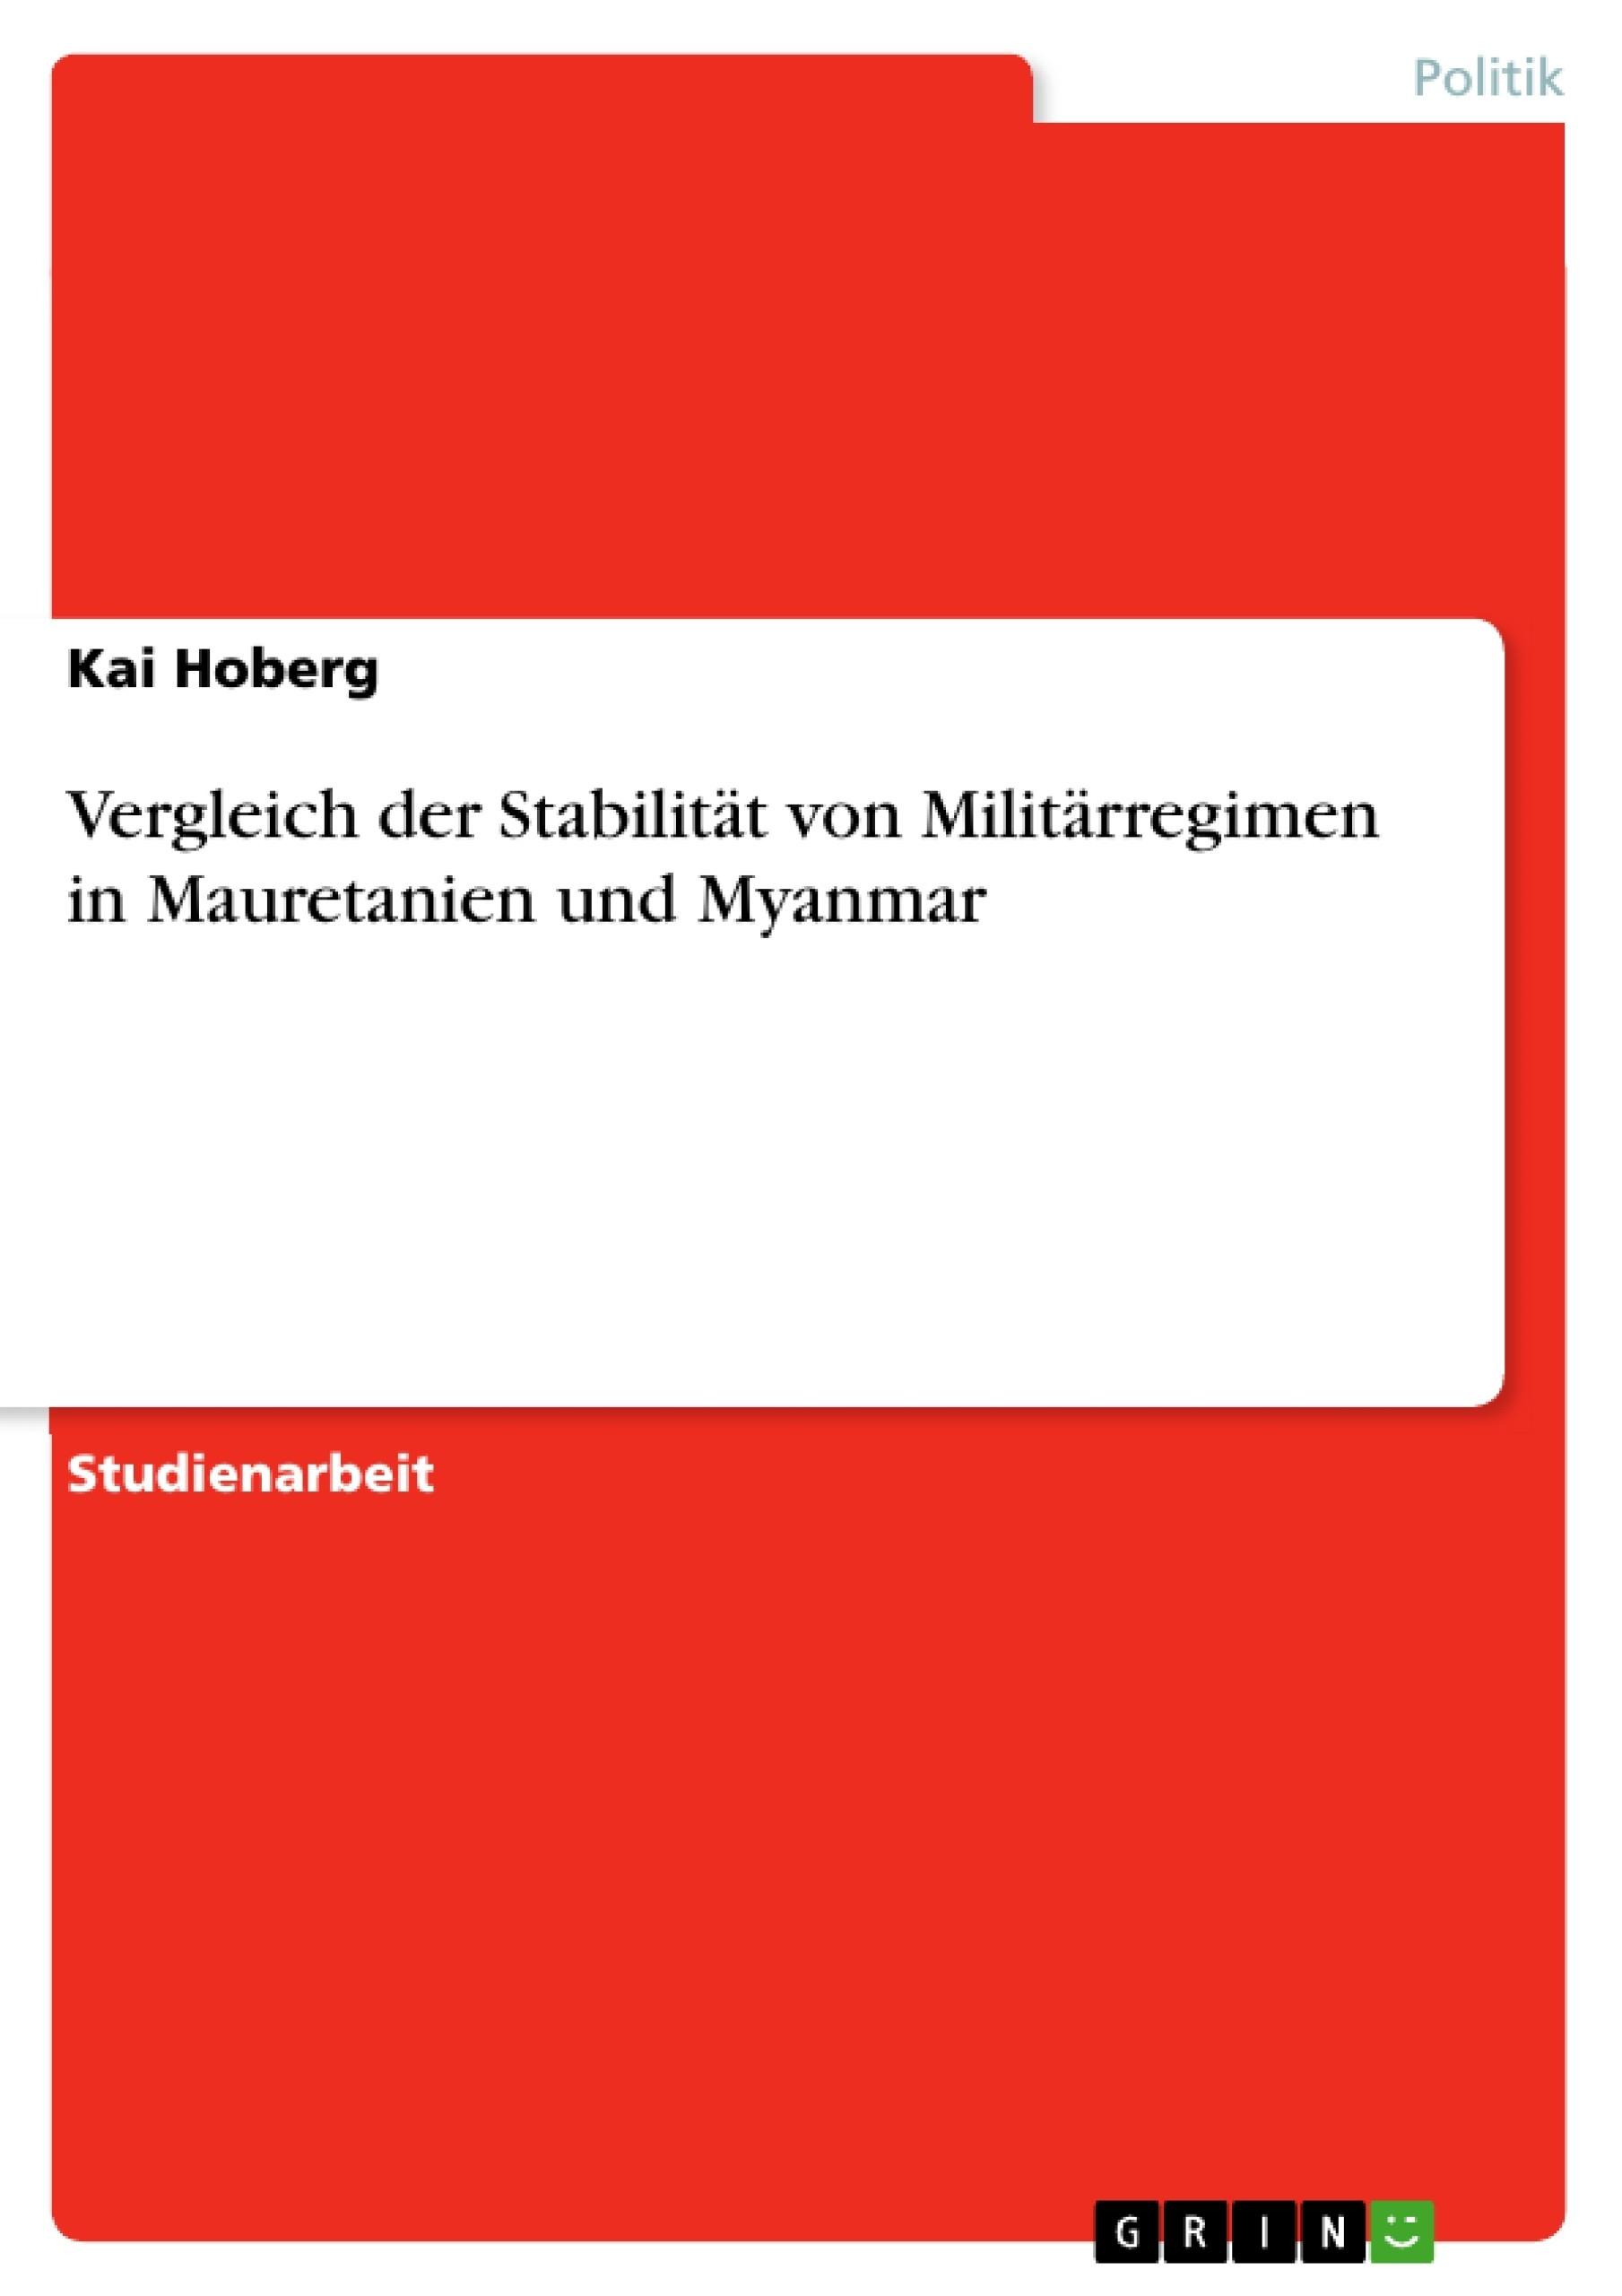 Titel: Vergleich der Stabilität von Militärregimen in Mauretanien und Myanmar